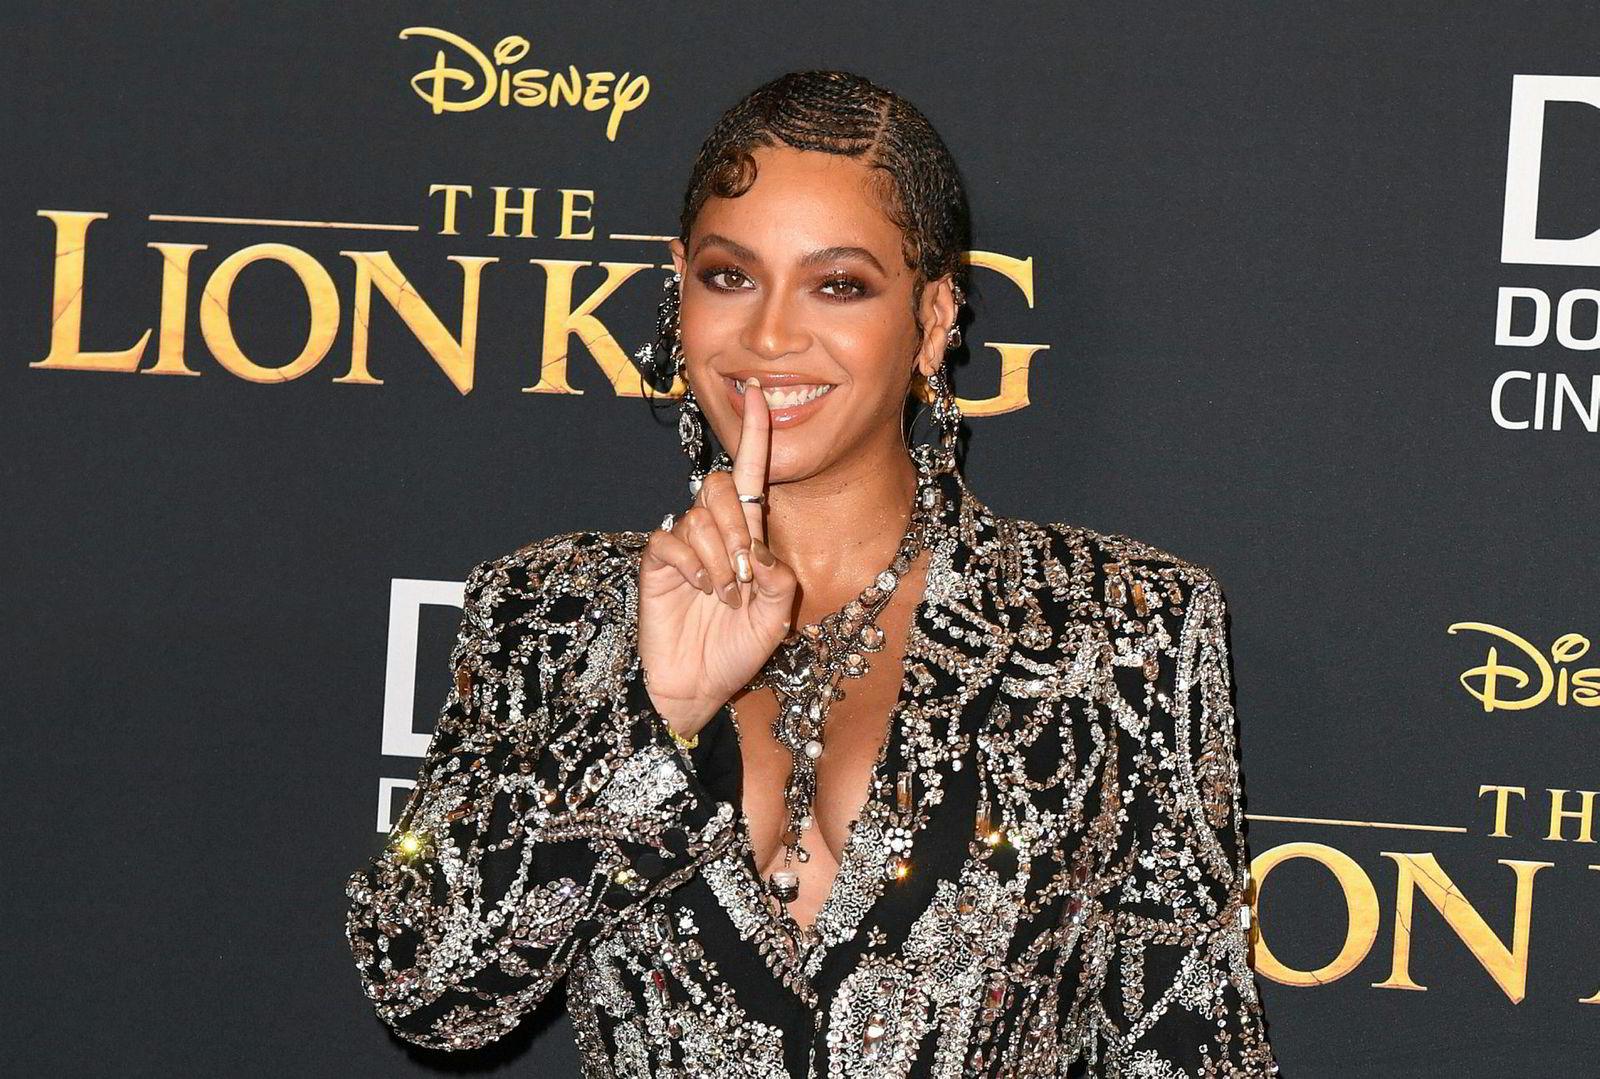 Beyonce spiller løven Nala som voksen. Her fra premieren av filmen tidligere i Juli.